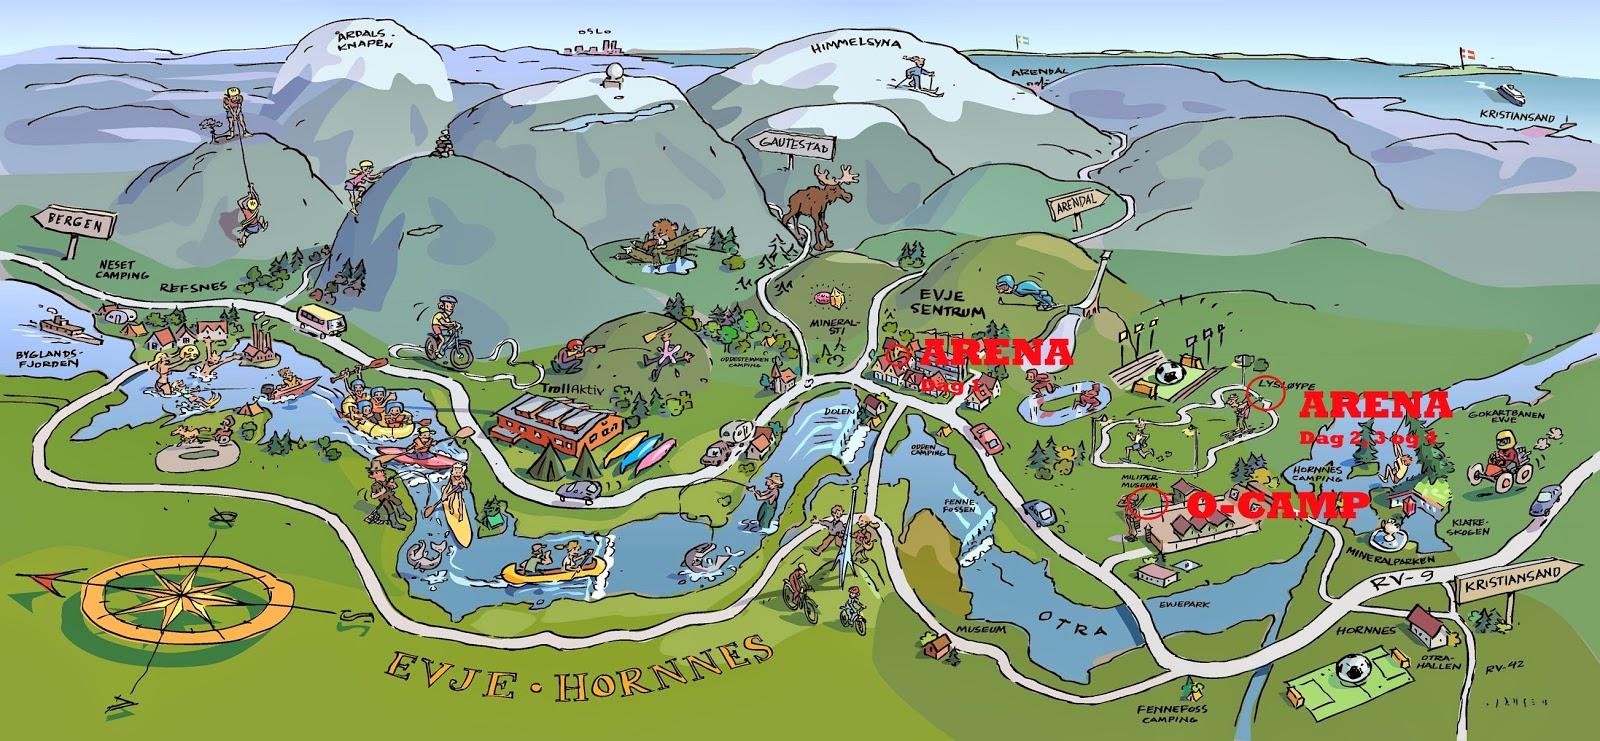 kart med bilder Sørlandsgaloppen 2014: Kart og bilder kart med bilder